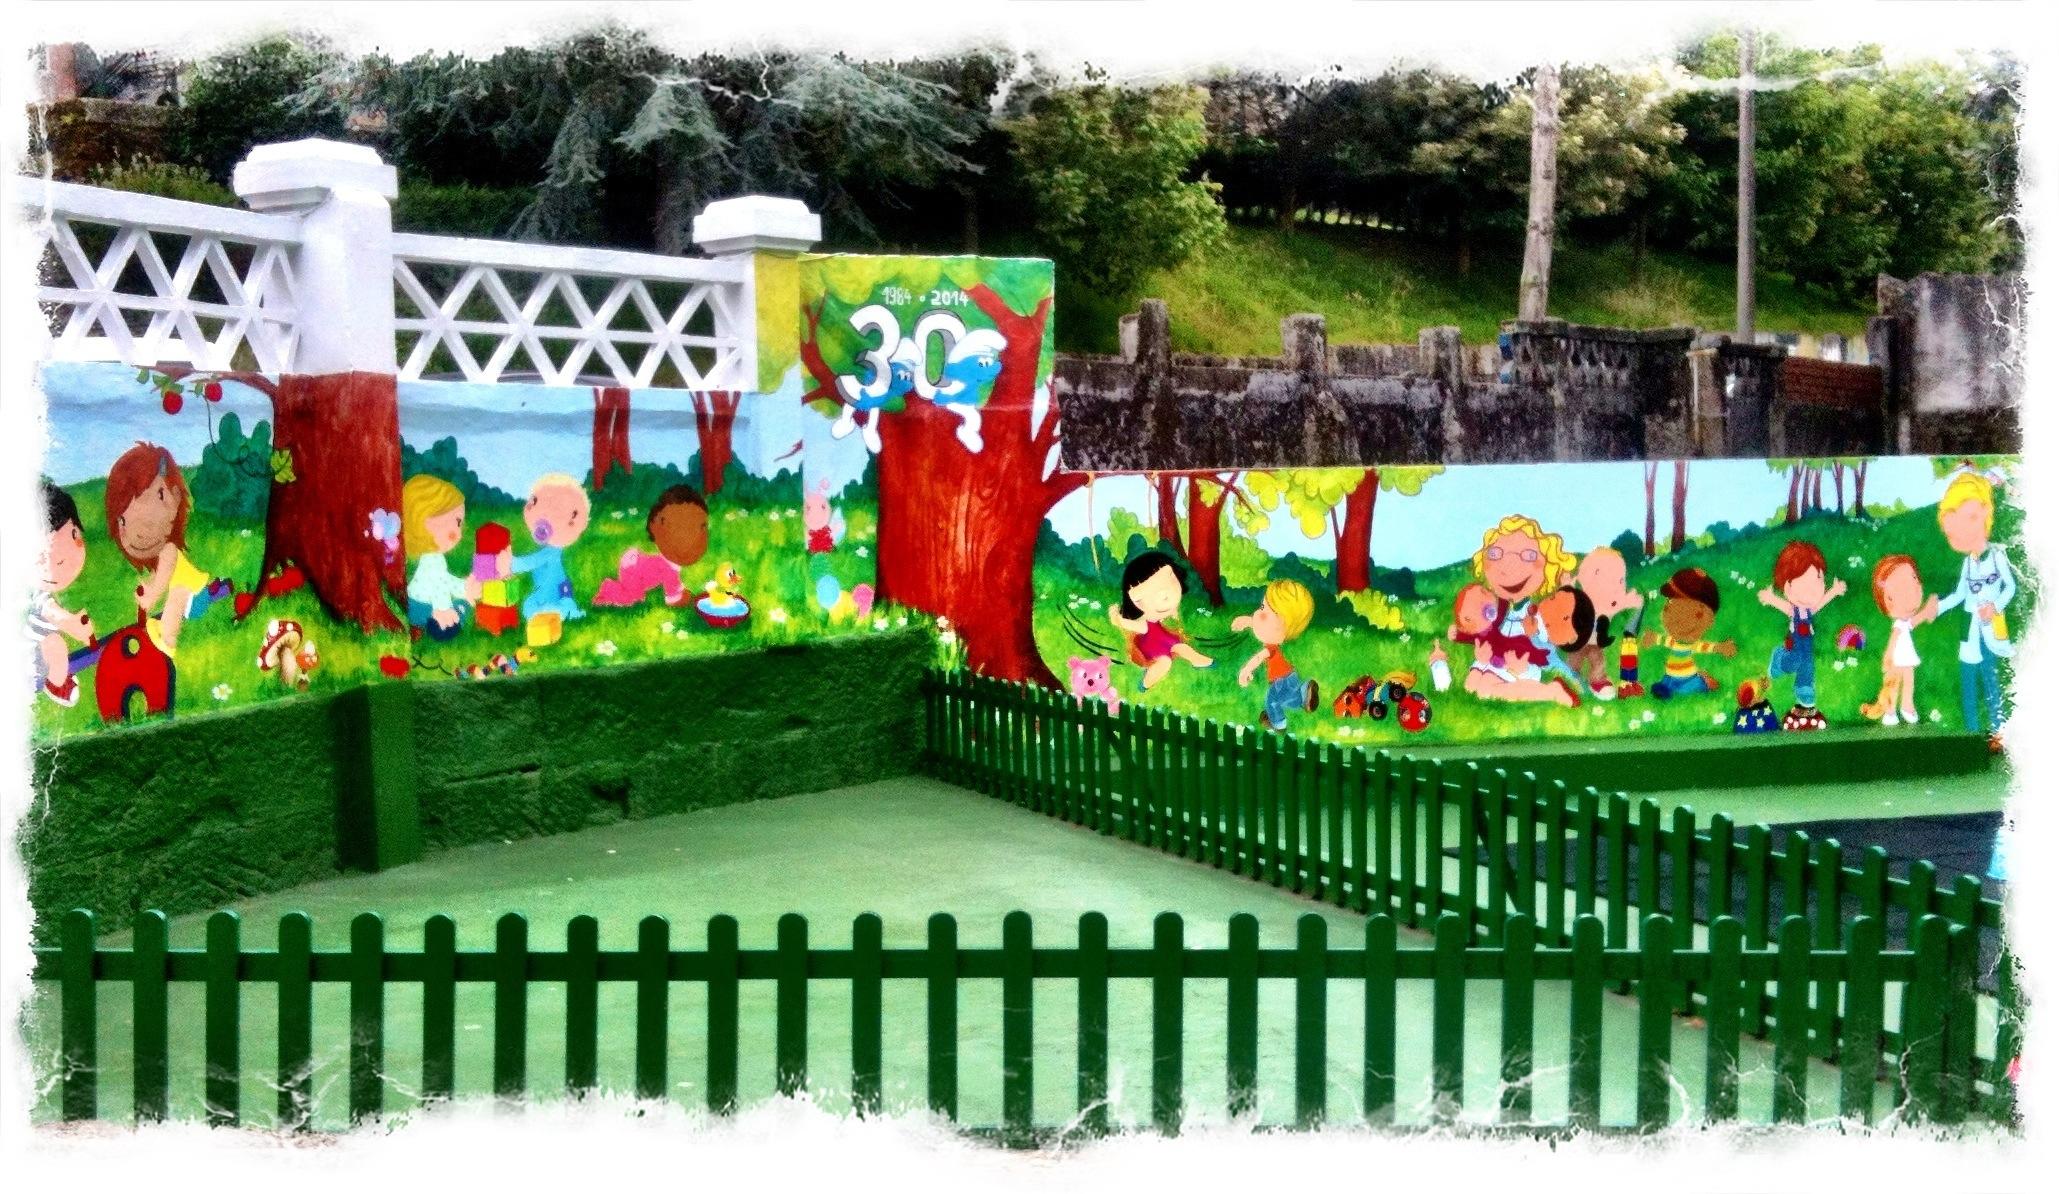 Pintura mural, Escuela Infantil Pitufos de vigo, begoña pérez-herrera moreno, bgophycolorincolorado, vigo, galicia.jpg